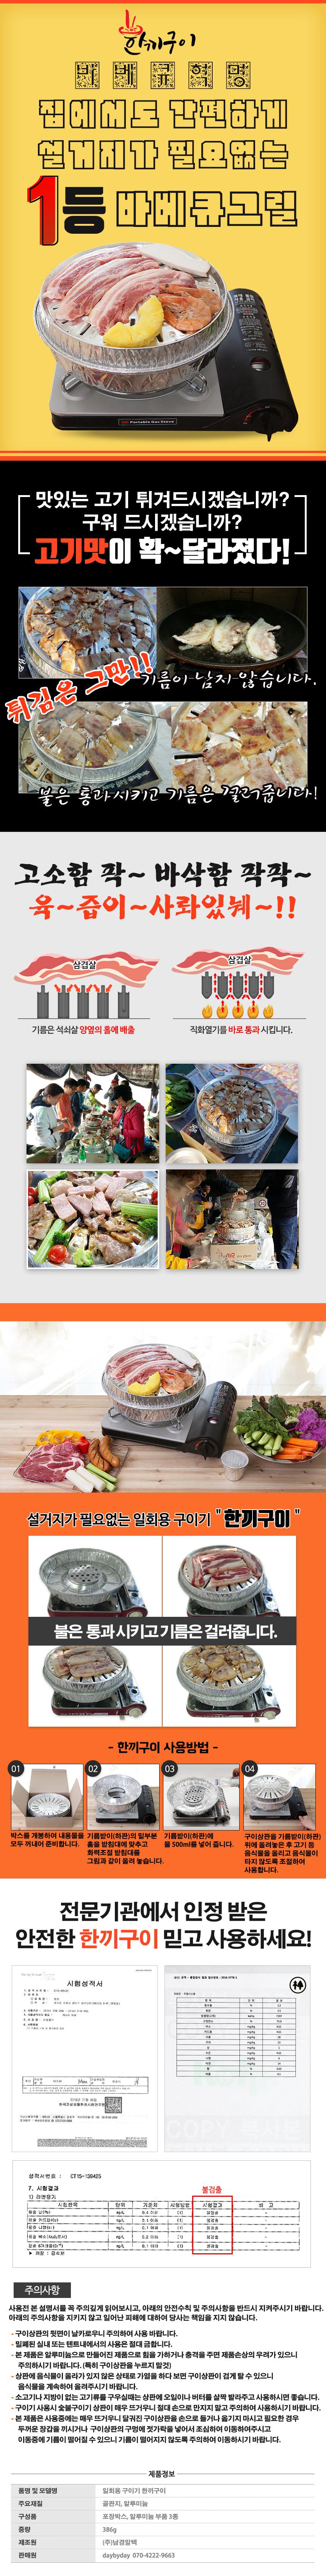 일회용 고기불판 한끼구이 - 데이바이데이, 6,900원, 바베큐 용품, 구이그릴/판